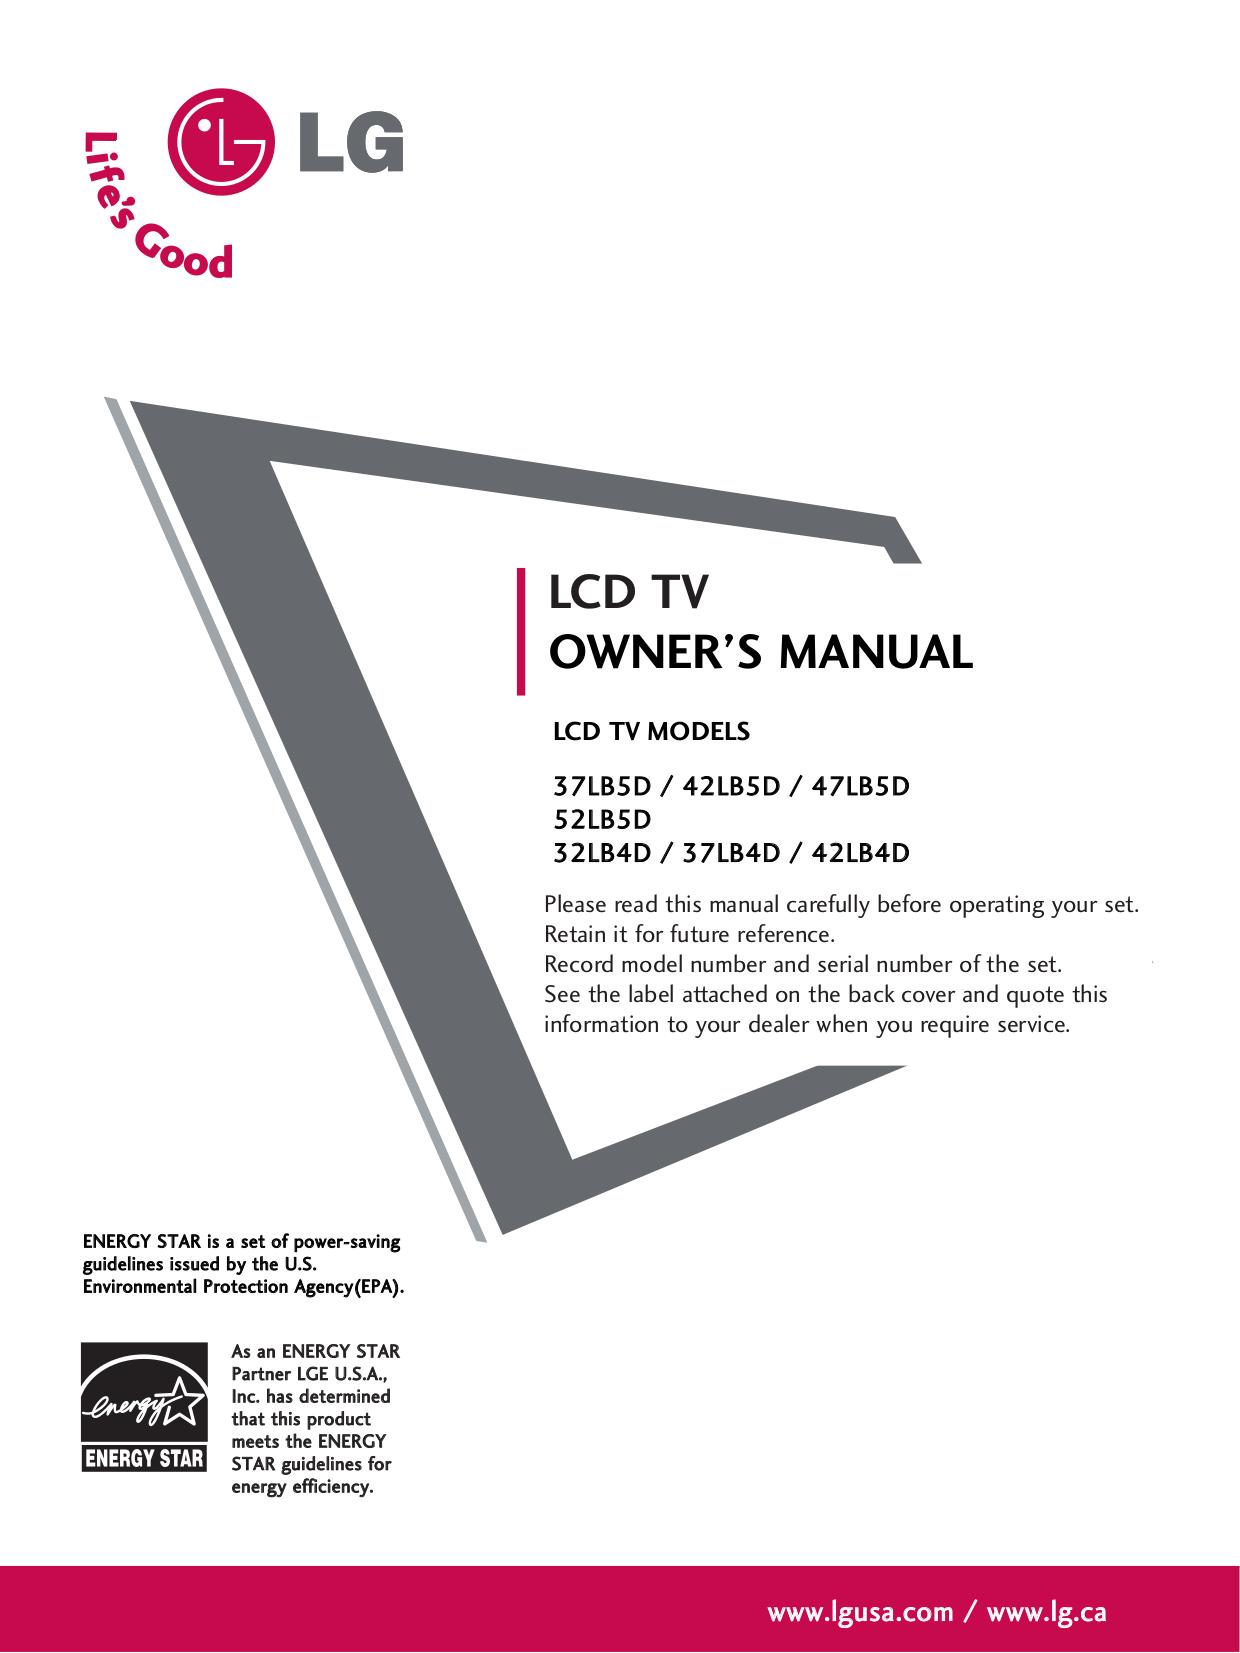 lg tv manual 3 Array - download free pdf for lg 52lb5d tv manual rh umlib  com